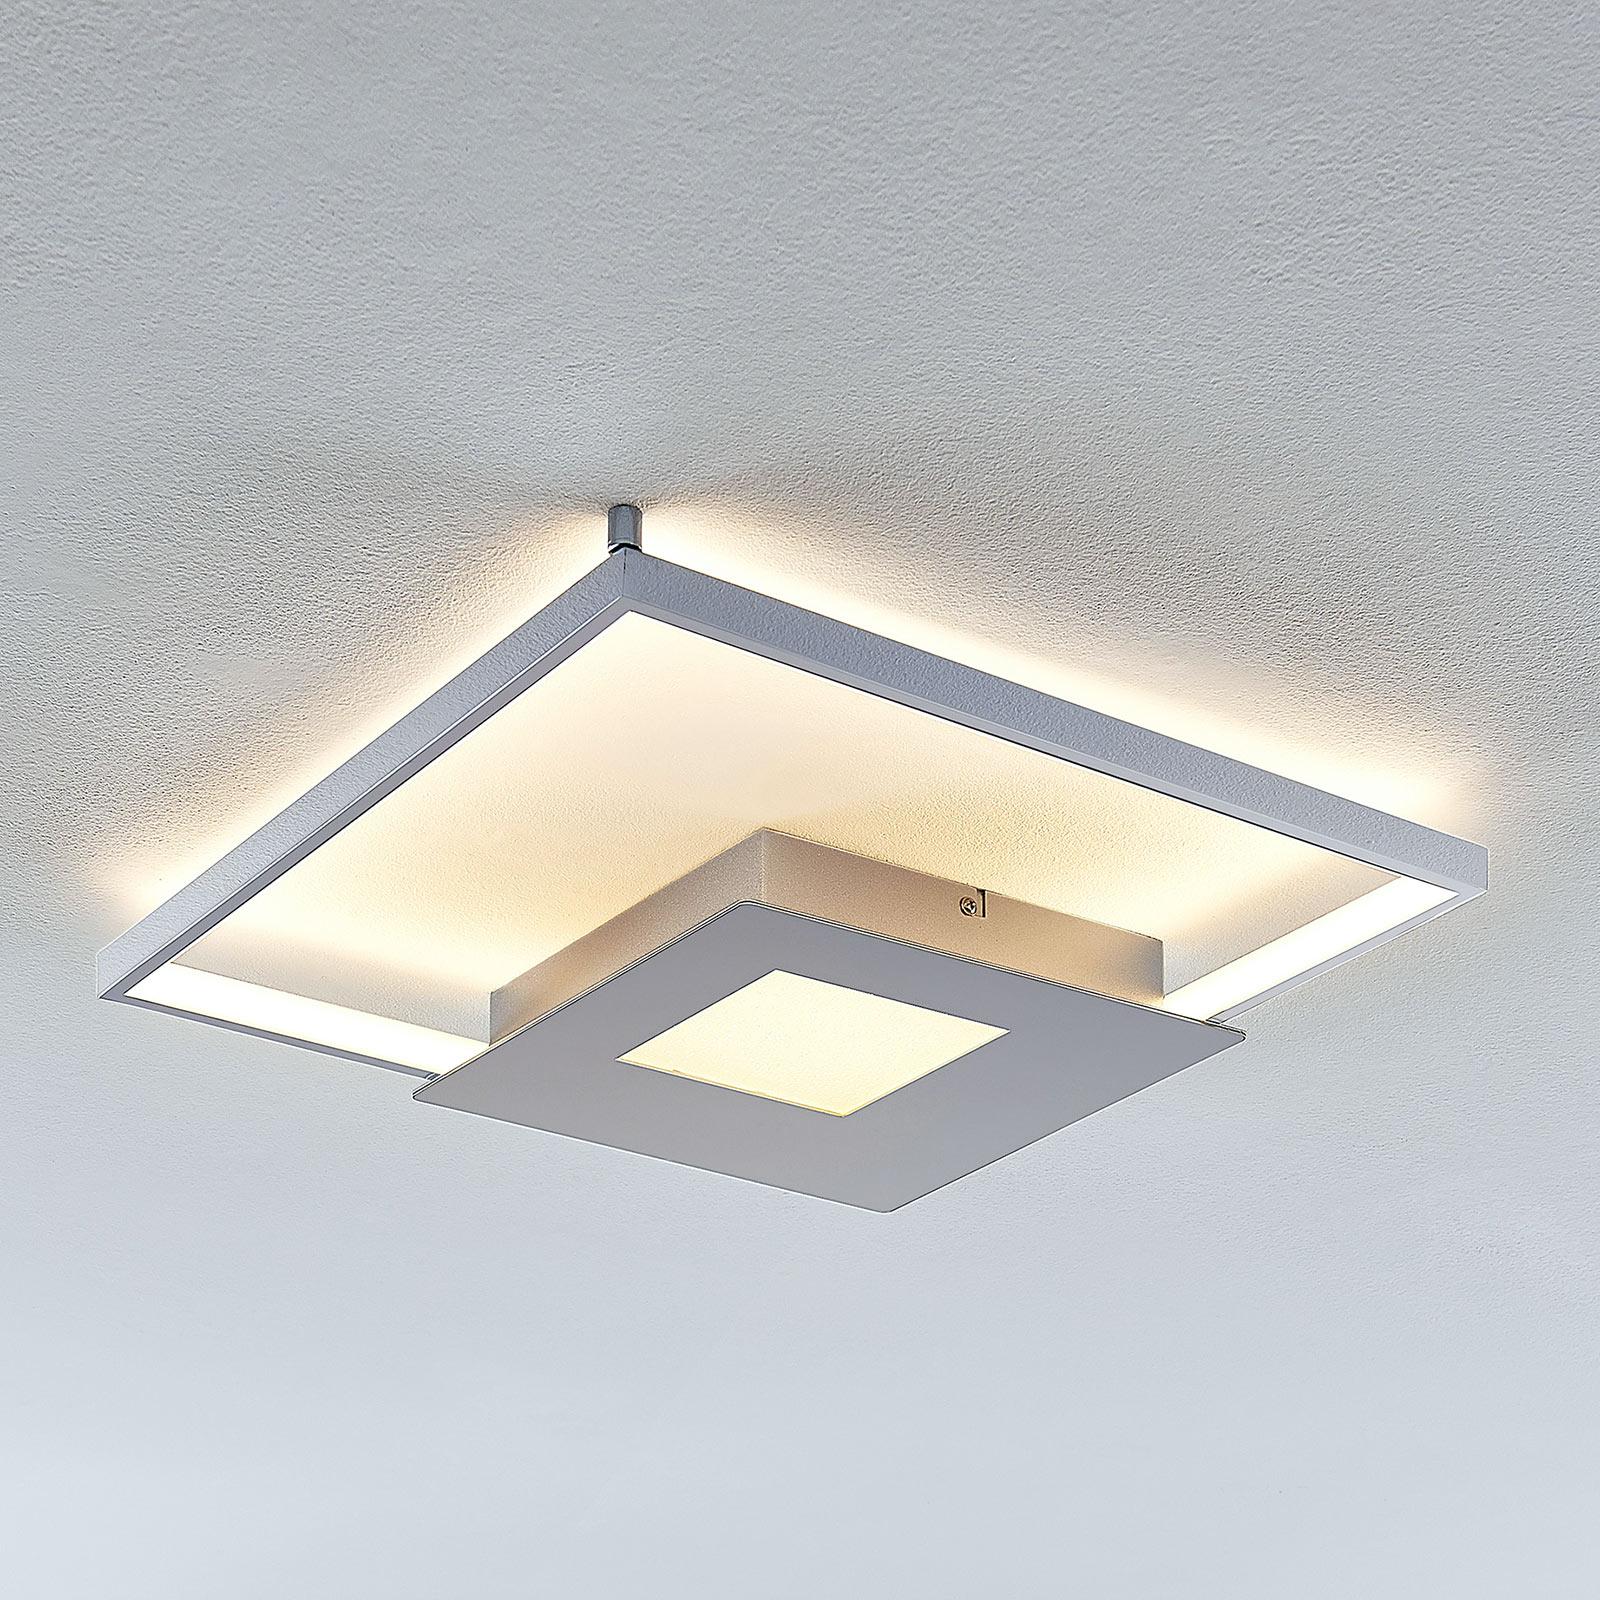 LED-kattovalaisin Anays, kulmikas, 42 cm